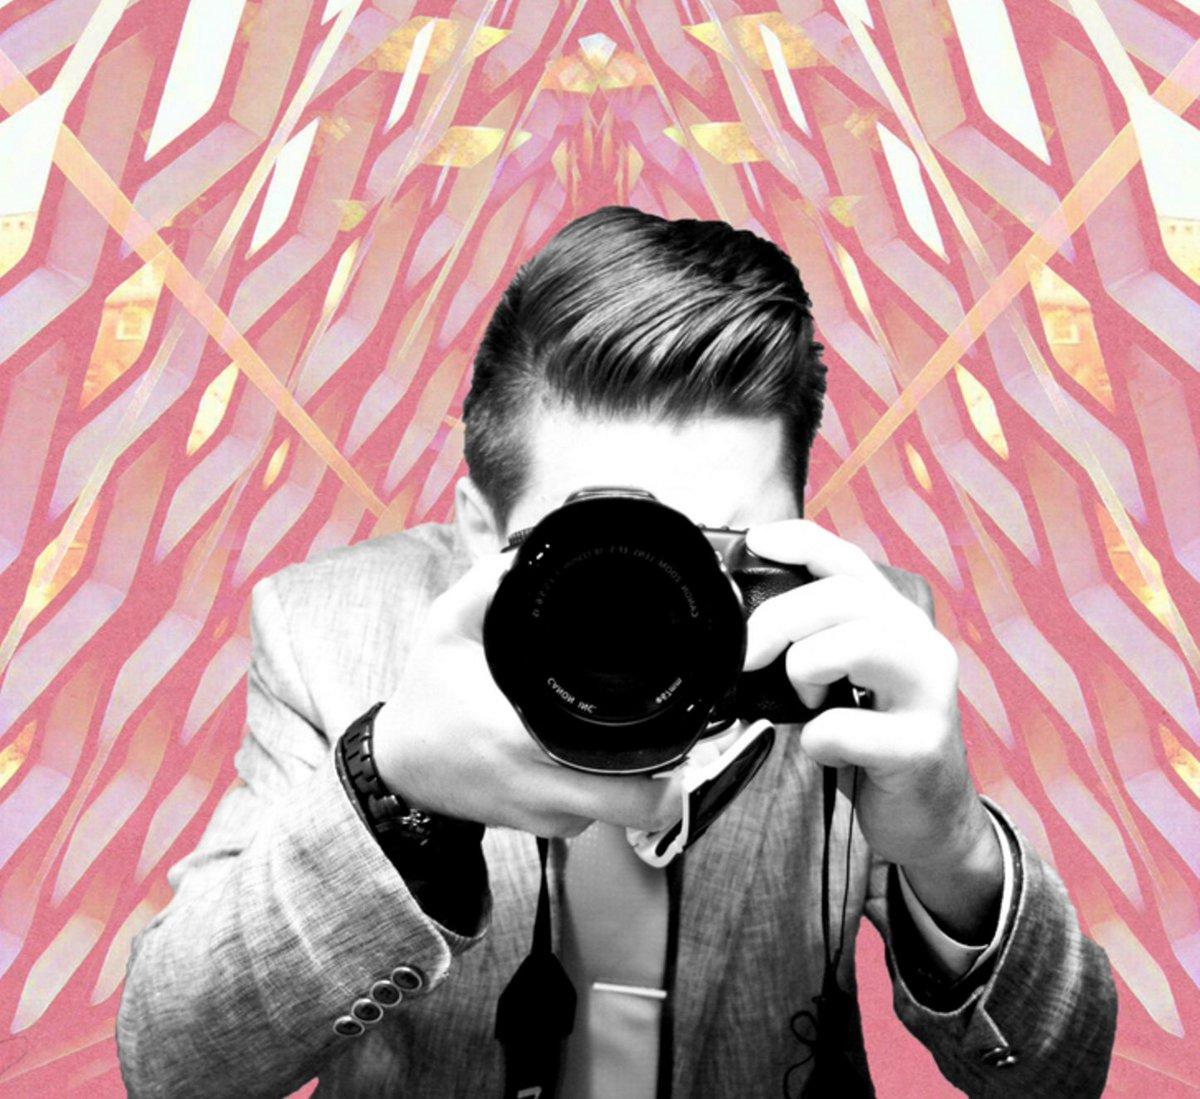 Feel like taking some photos? https://t.co/SwdlPK6zaS #LensProject https://t.co/q2isFtSa59